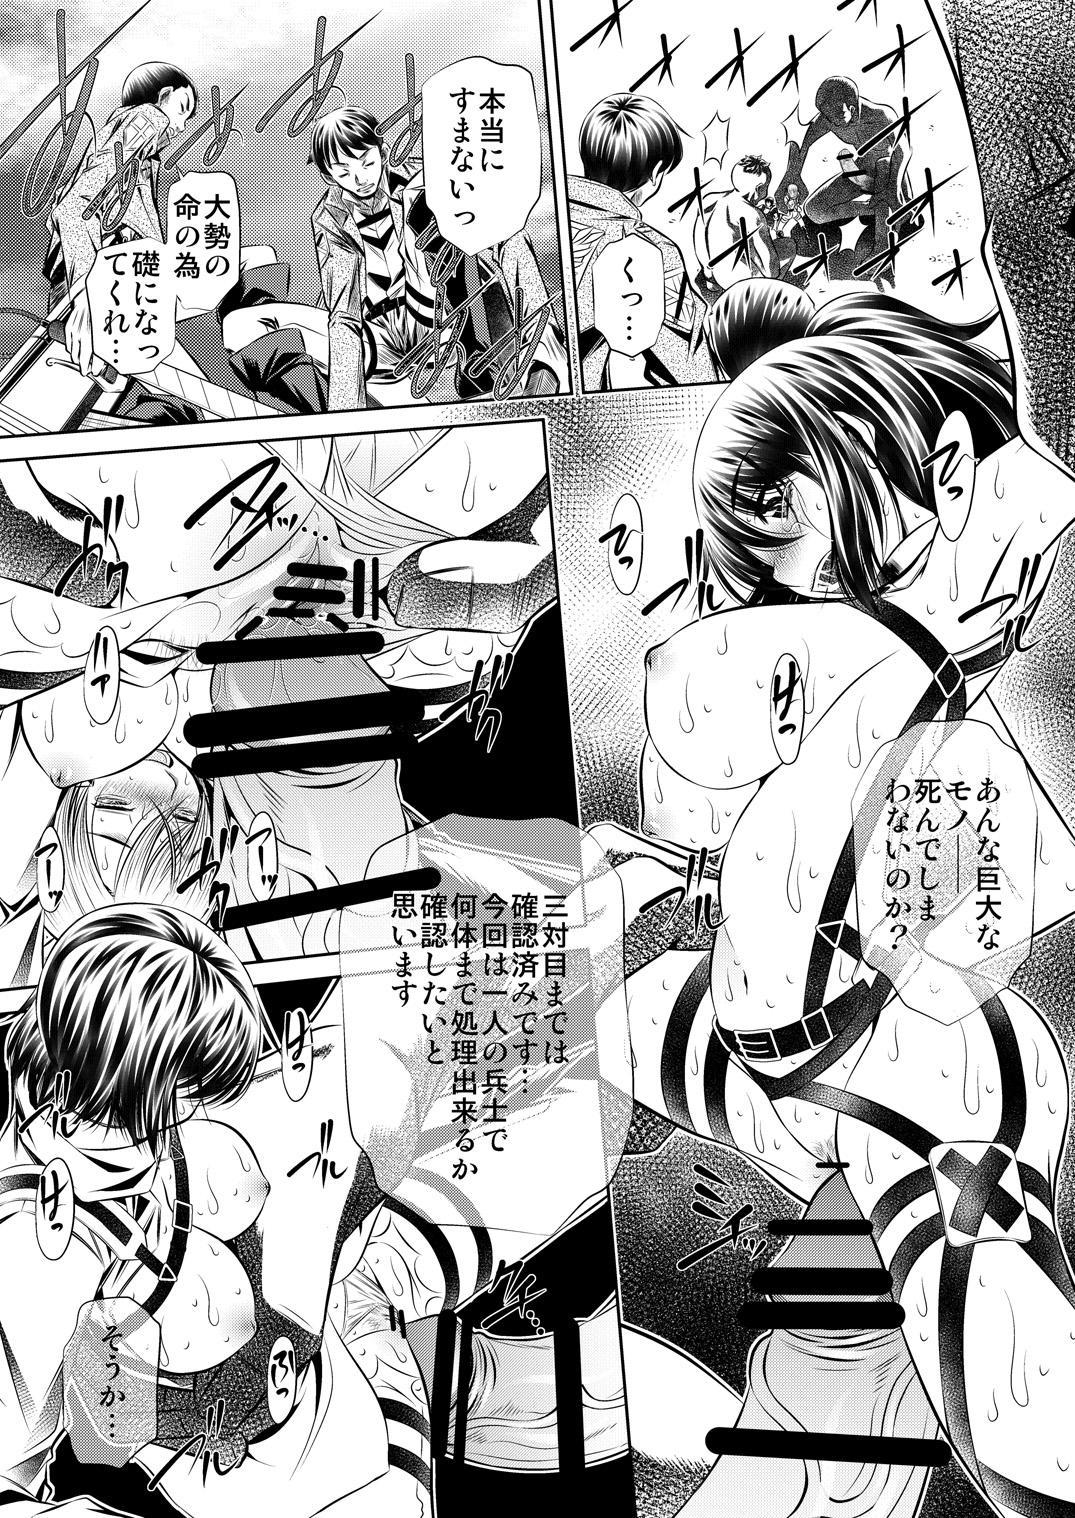 Shingeki no Kyokon 8